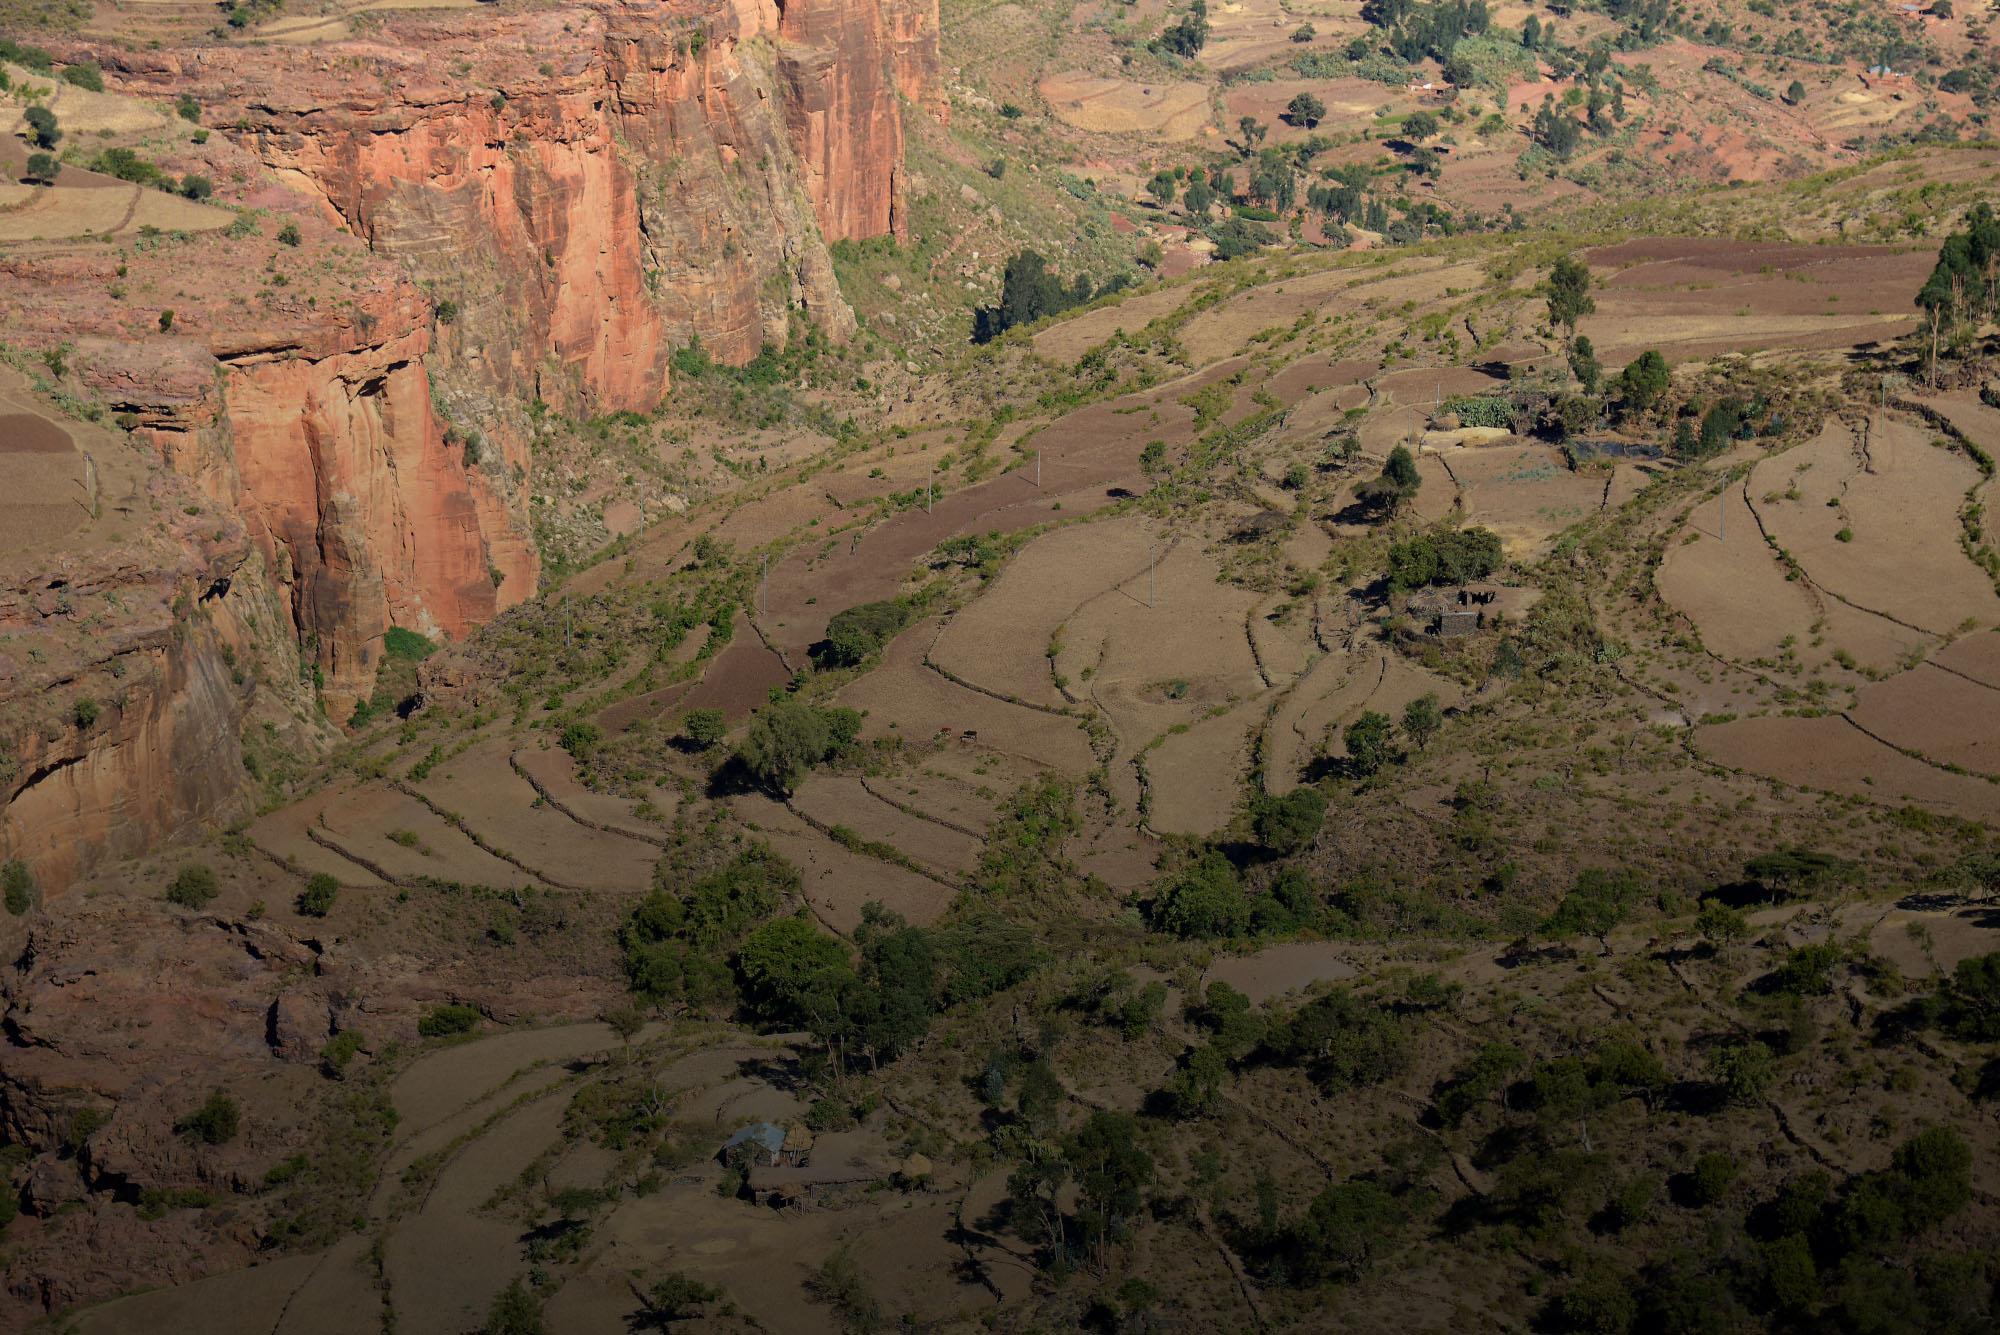 Etiopía y la Región de Tigray - Etiopia Utopia